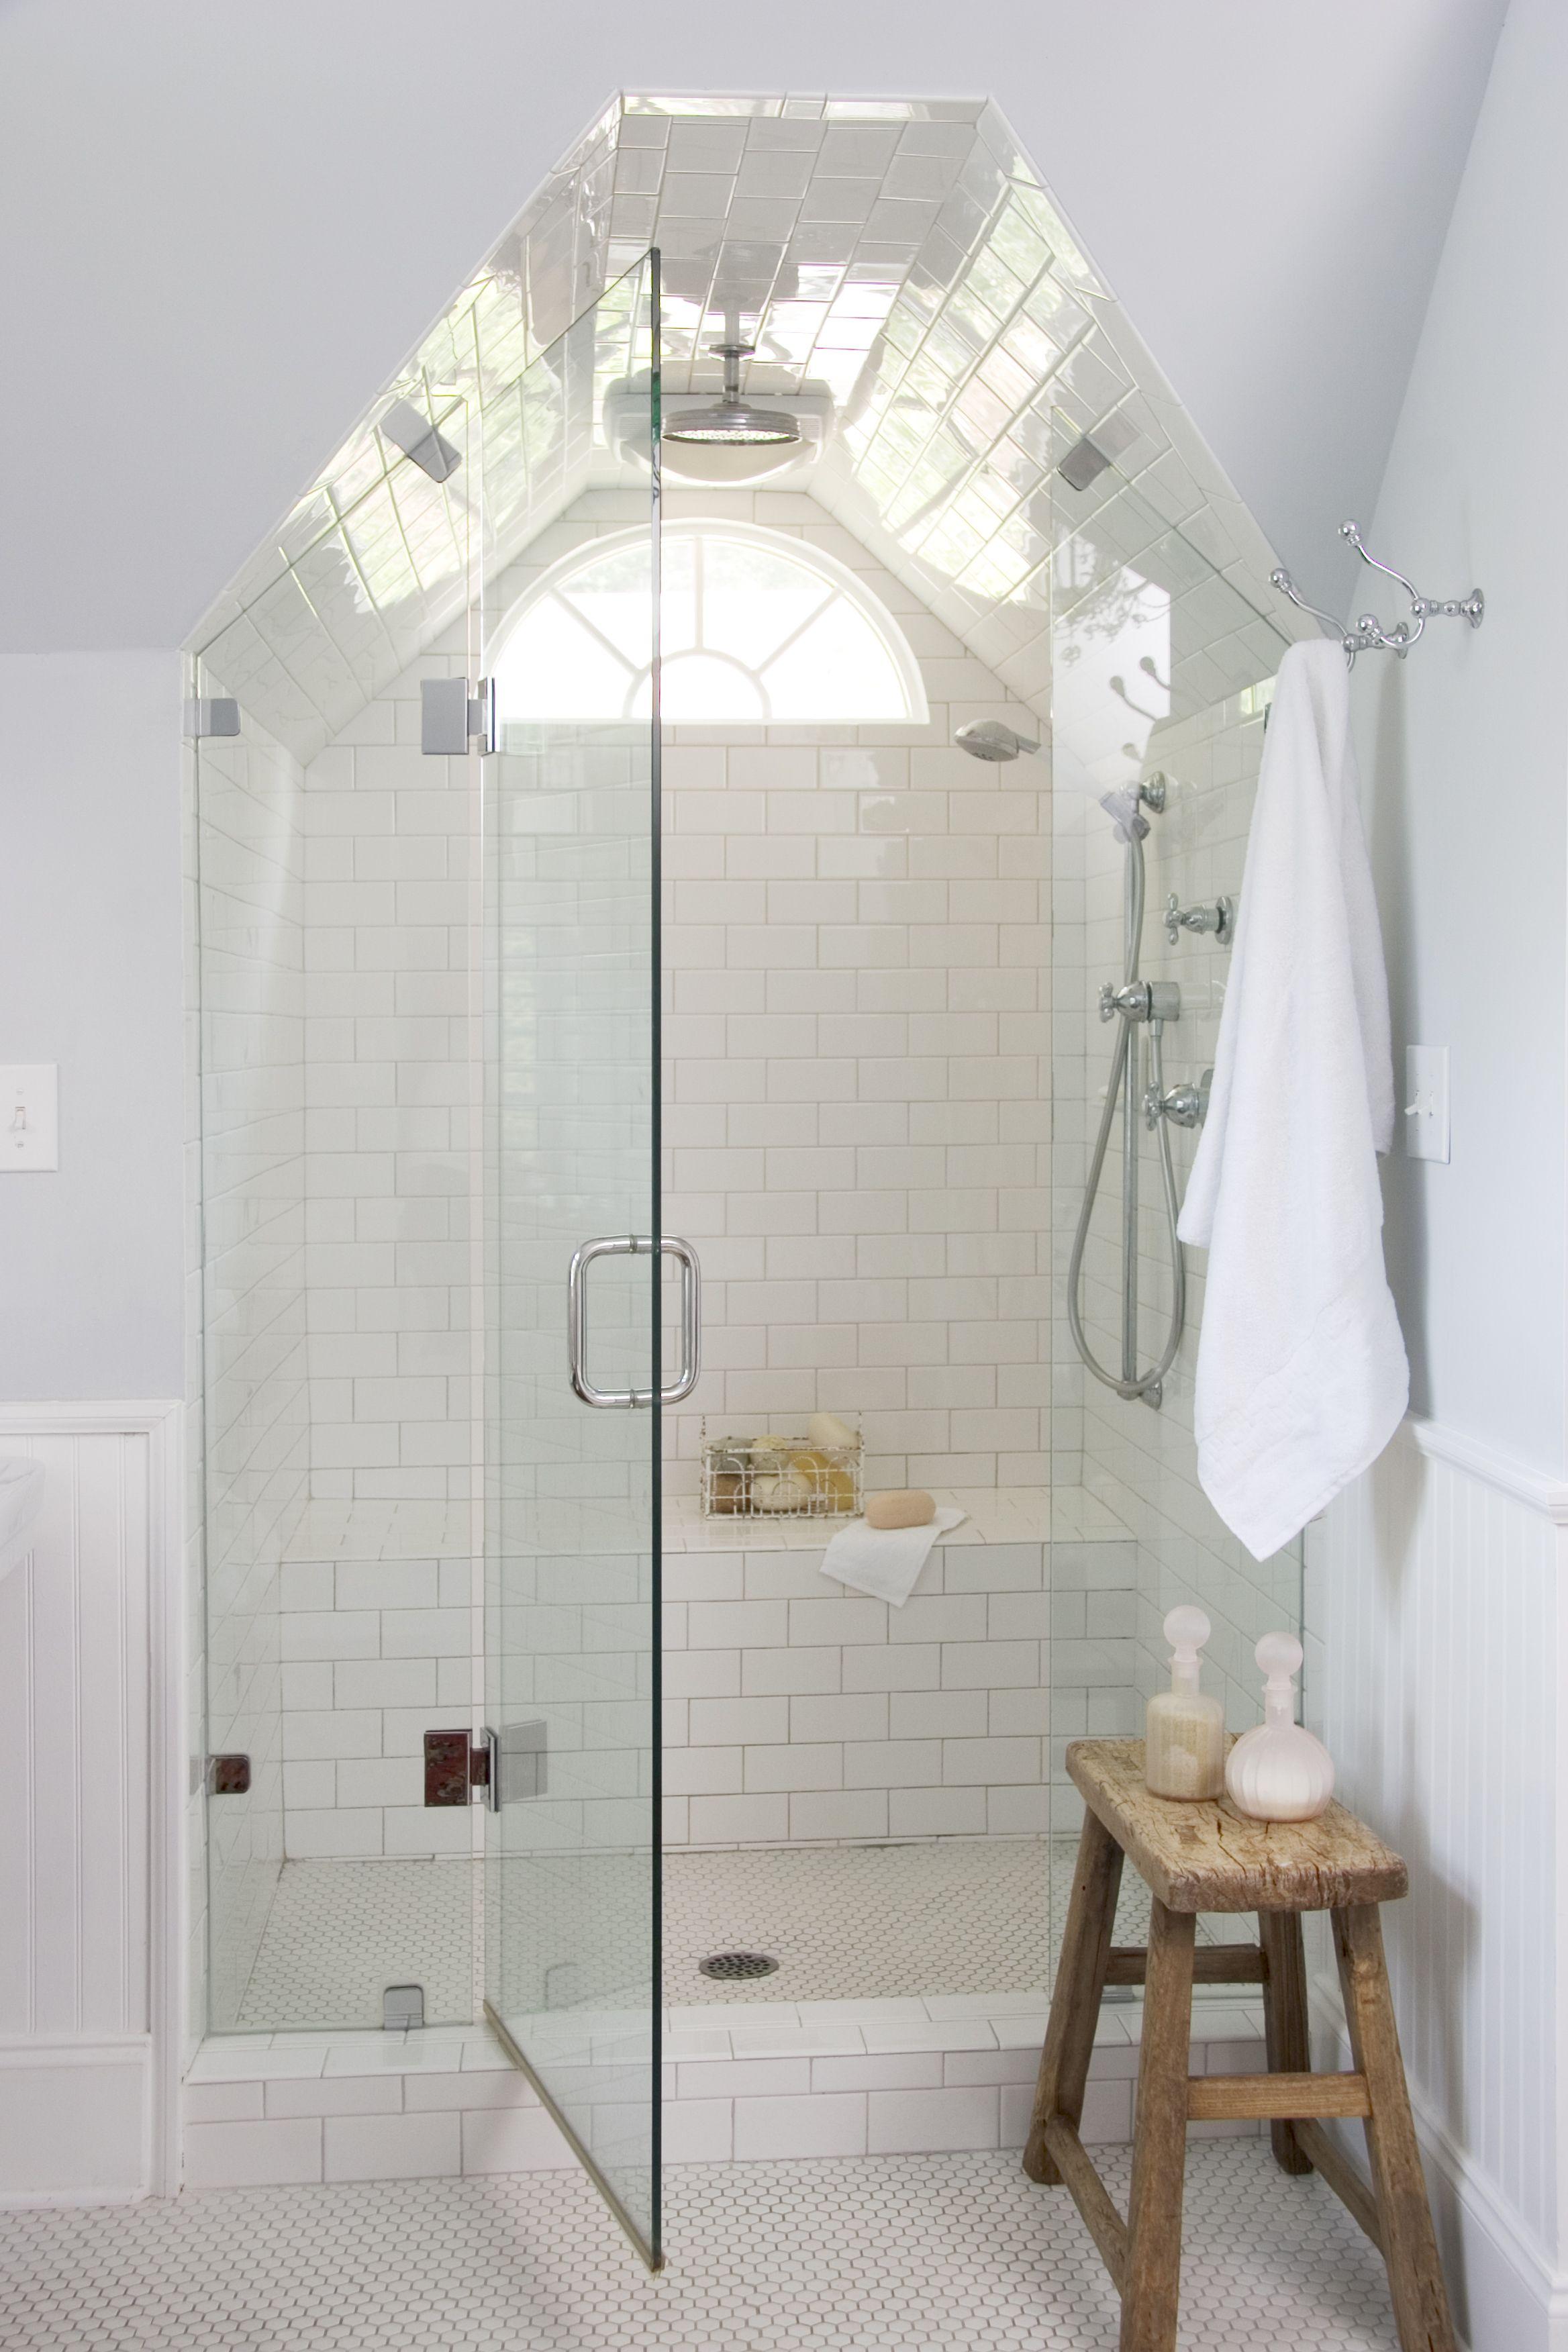 Форма стеклянной двери повторяет форму потолка в душе